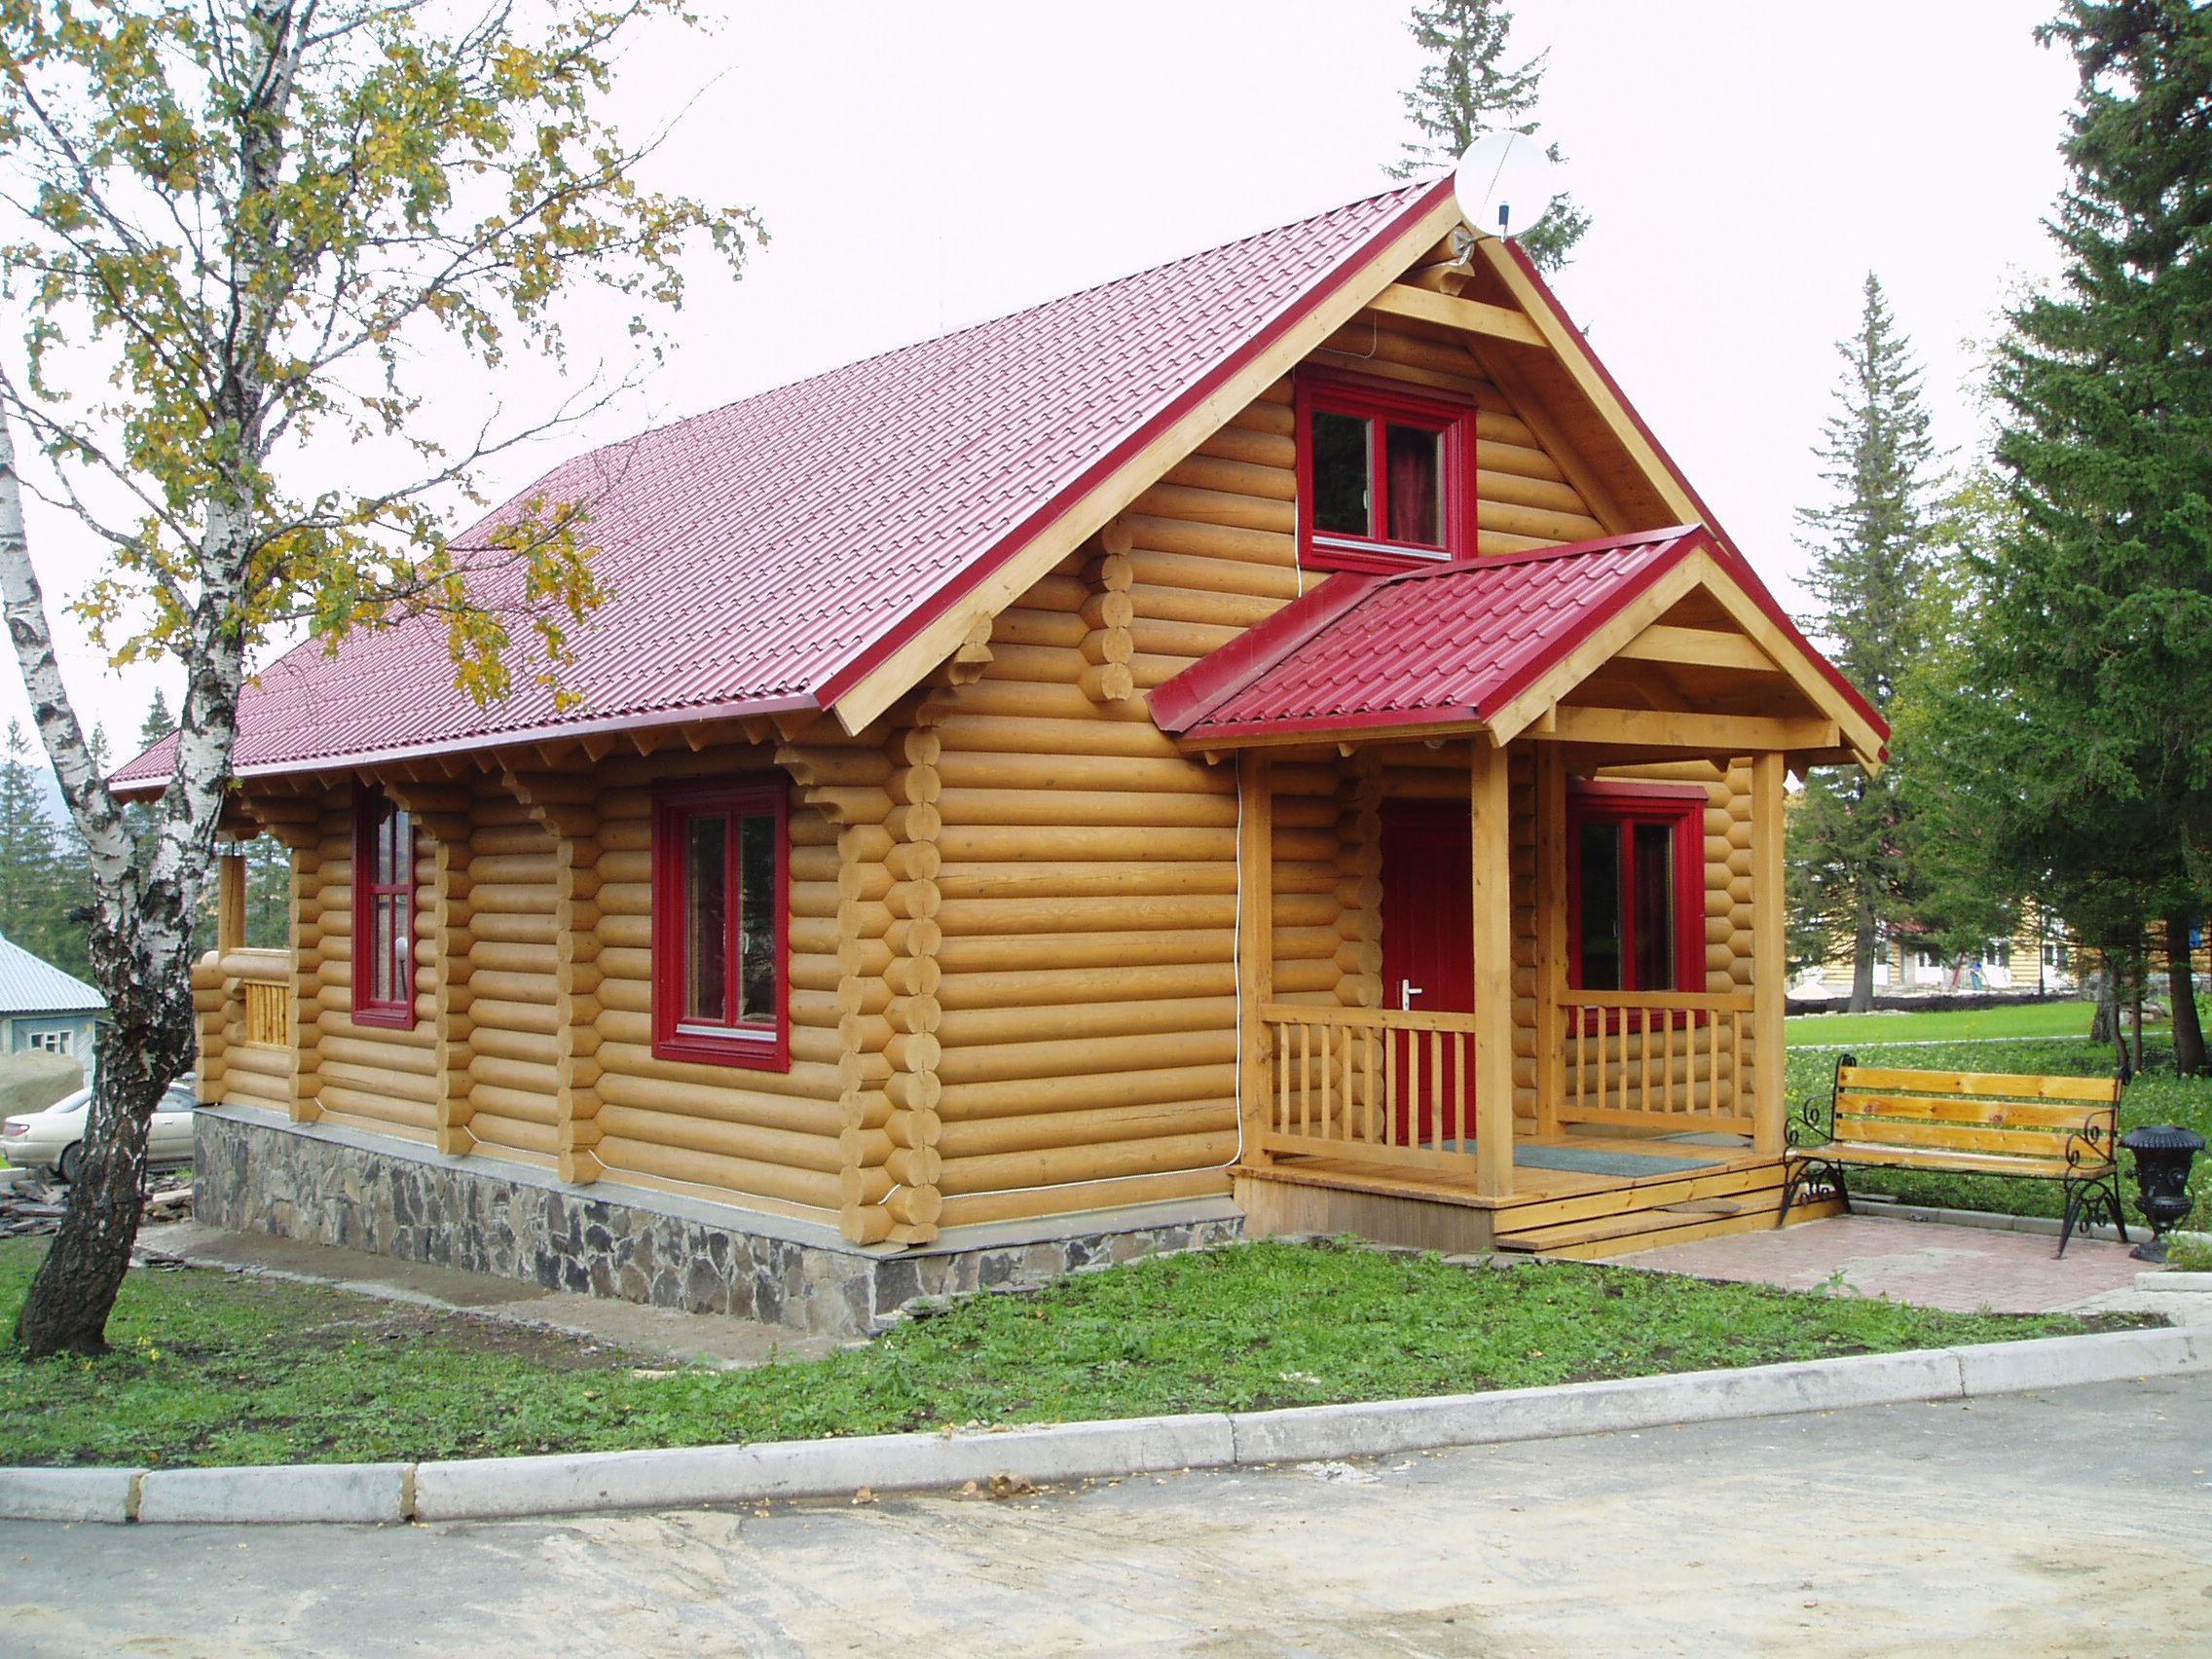 ночном как построить дом в деревне фото нынешнее представление канкане